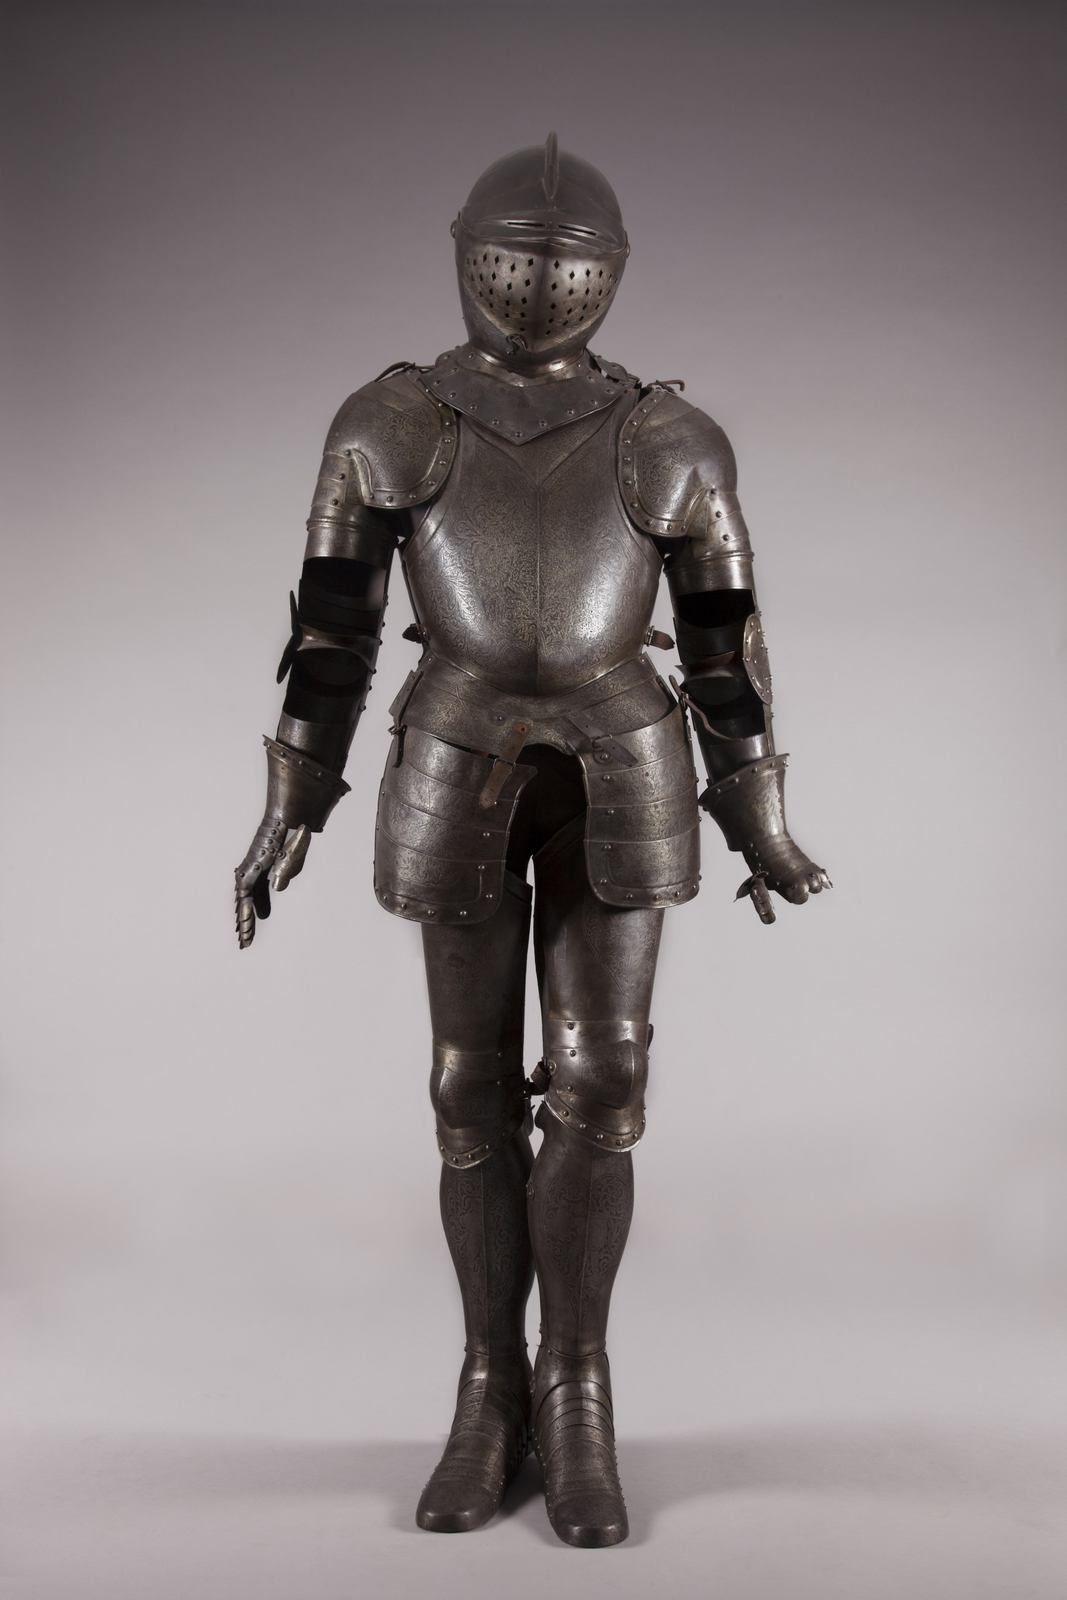 Armure de chevalier, 16e s, collection du Musée de la Cour d'Or Metz-Métropole © Photographie Laurianne Kieffer